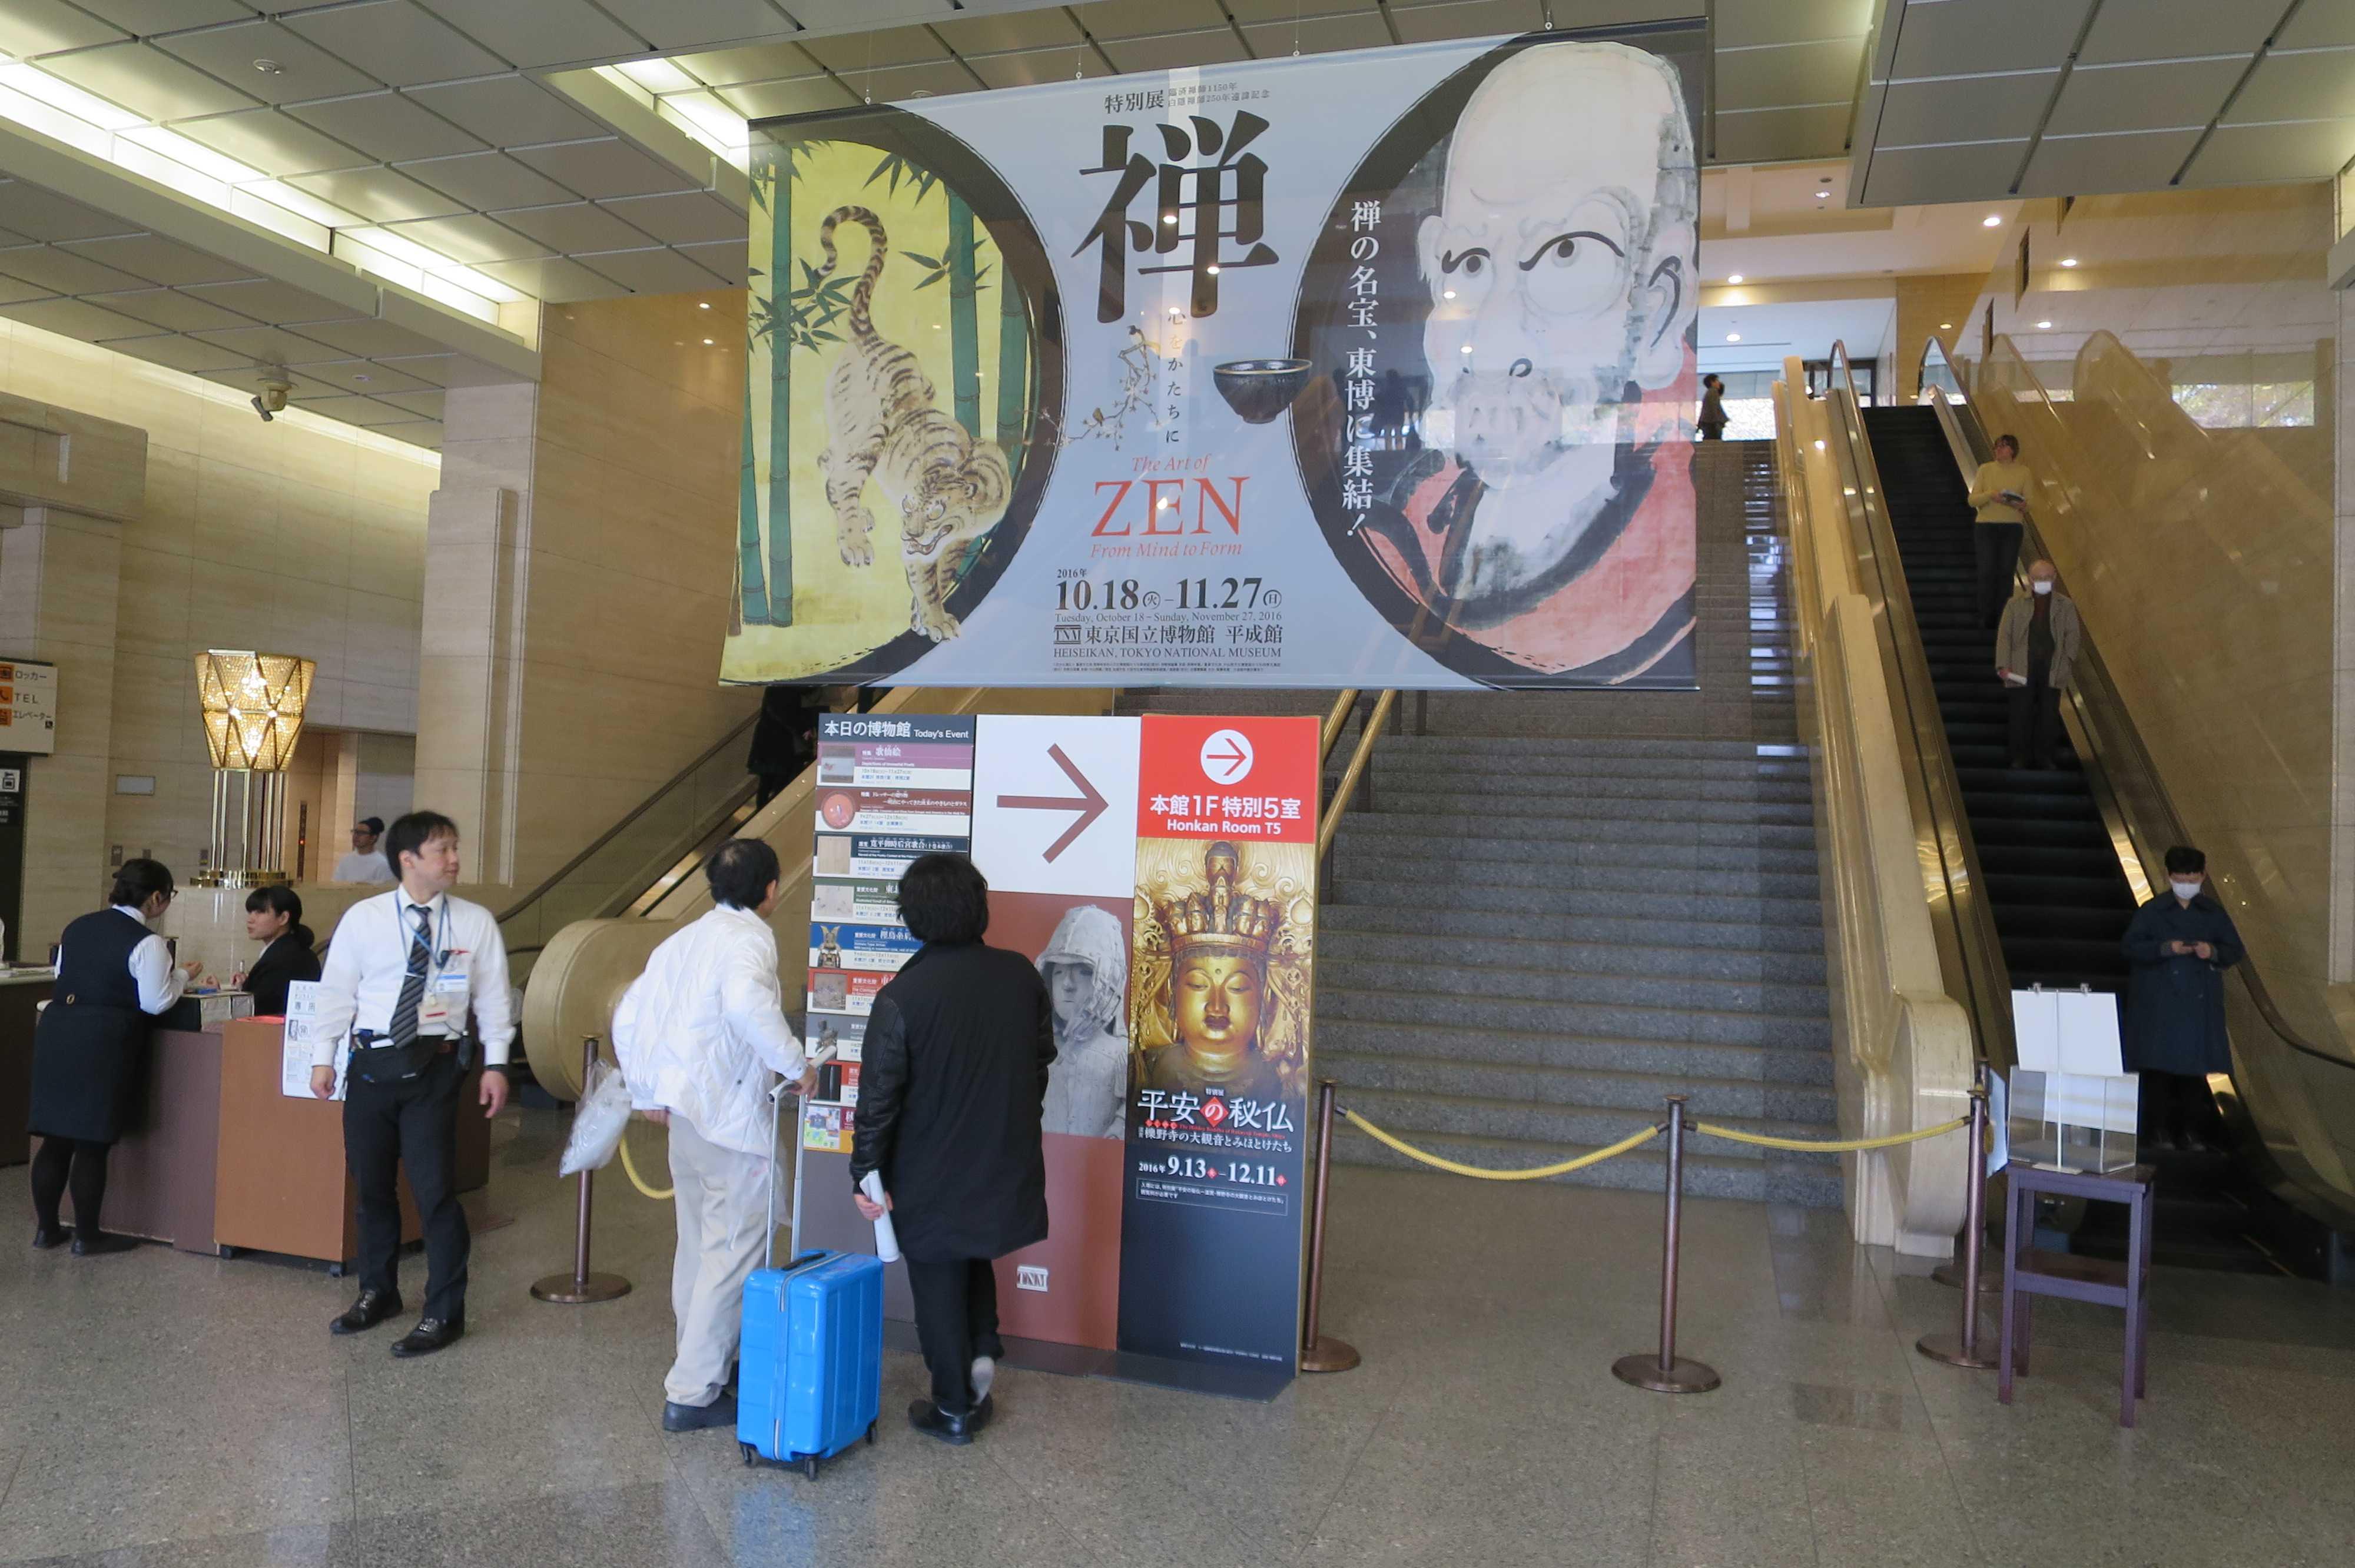 東京国立博物館 平成館の入口エスカレーター